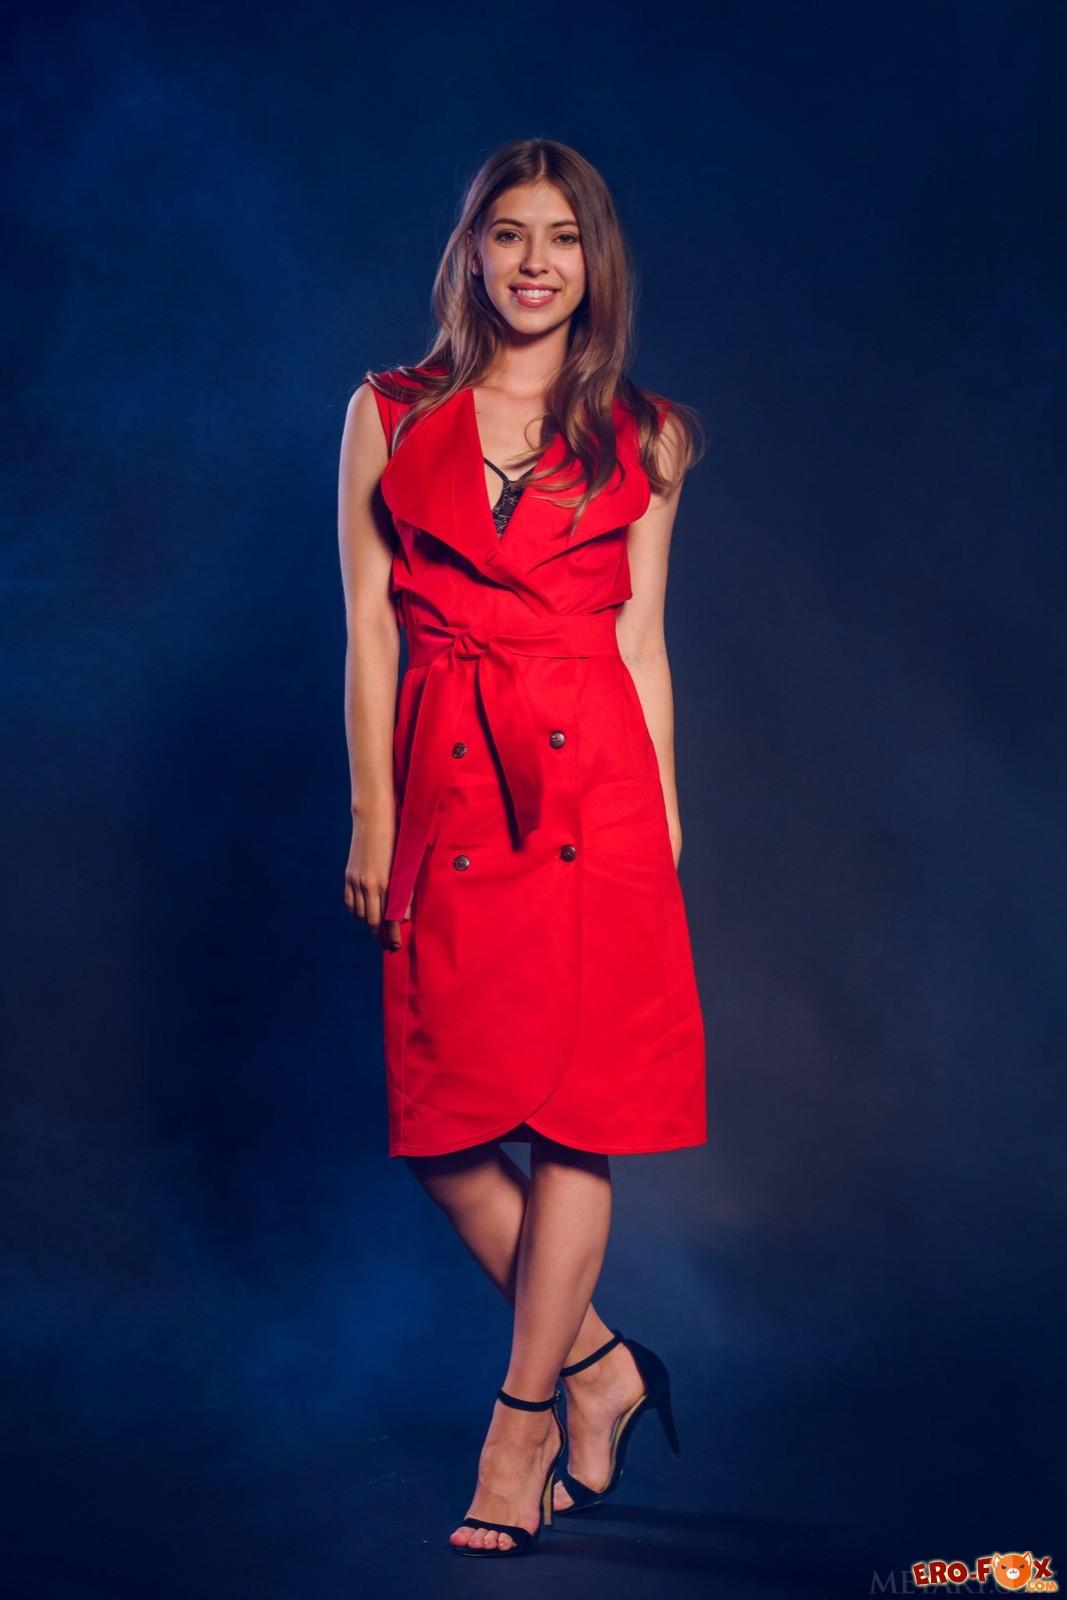 Модель в эротичном нижнем белье и красном плаще - фото